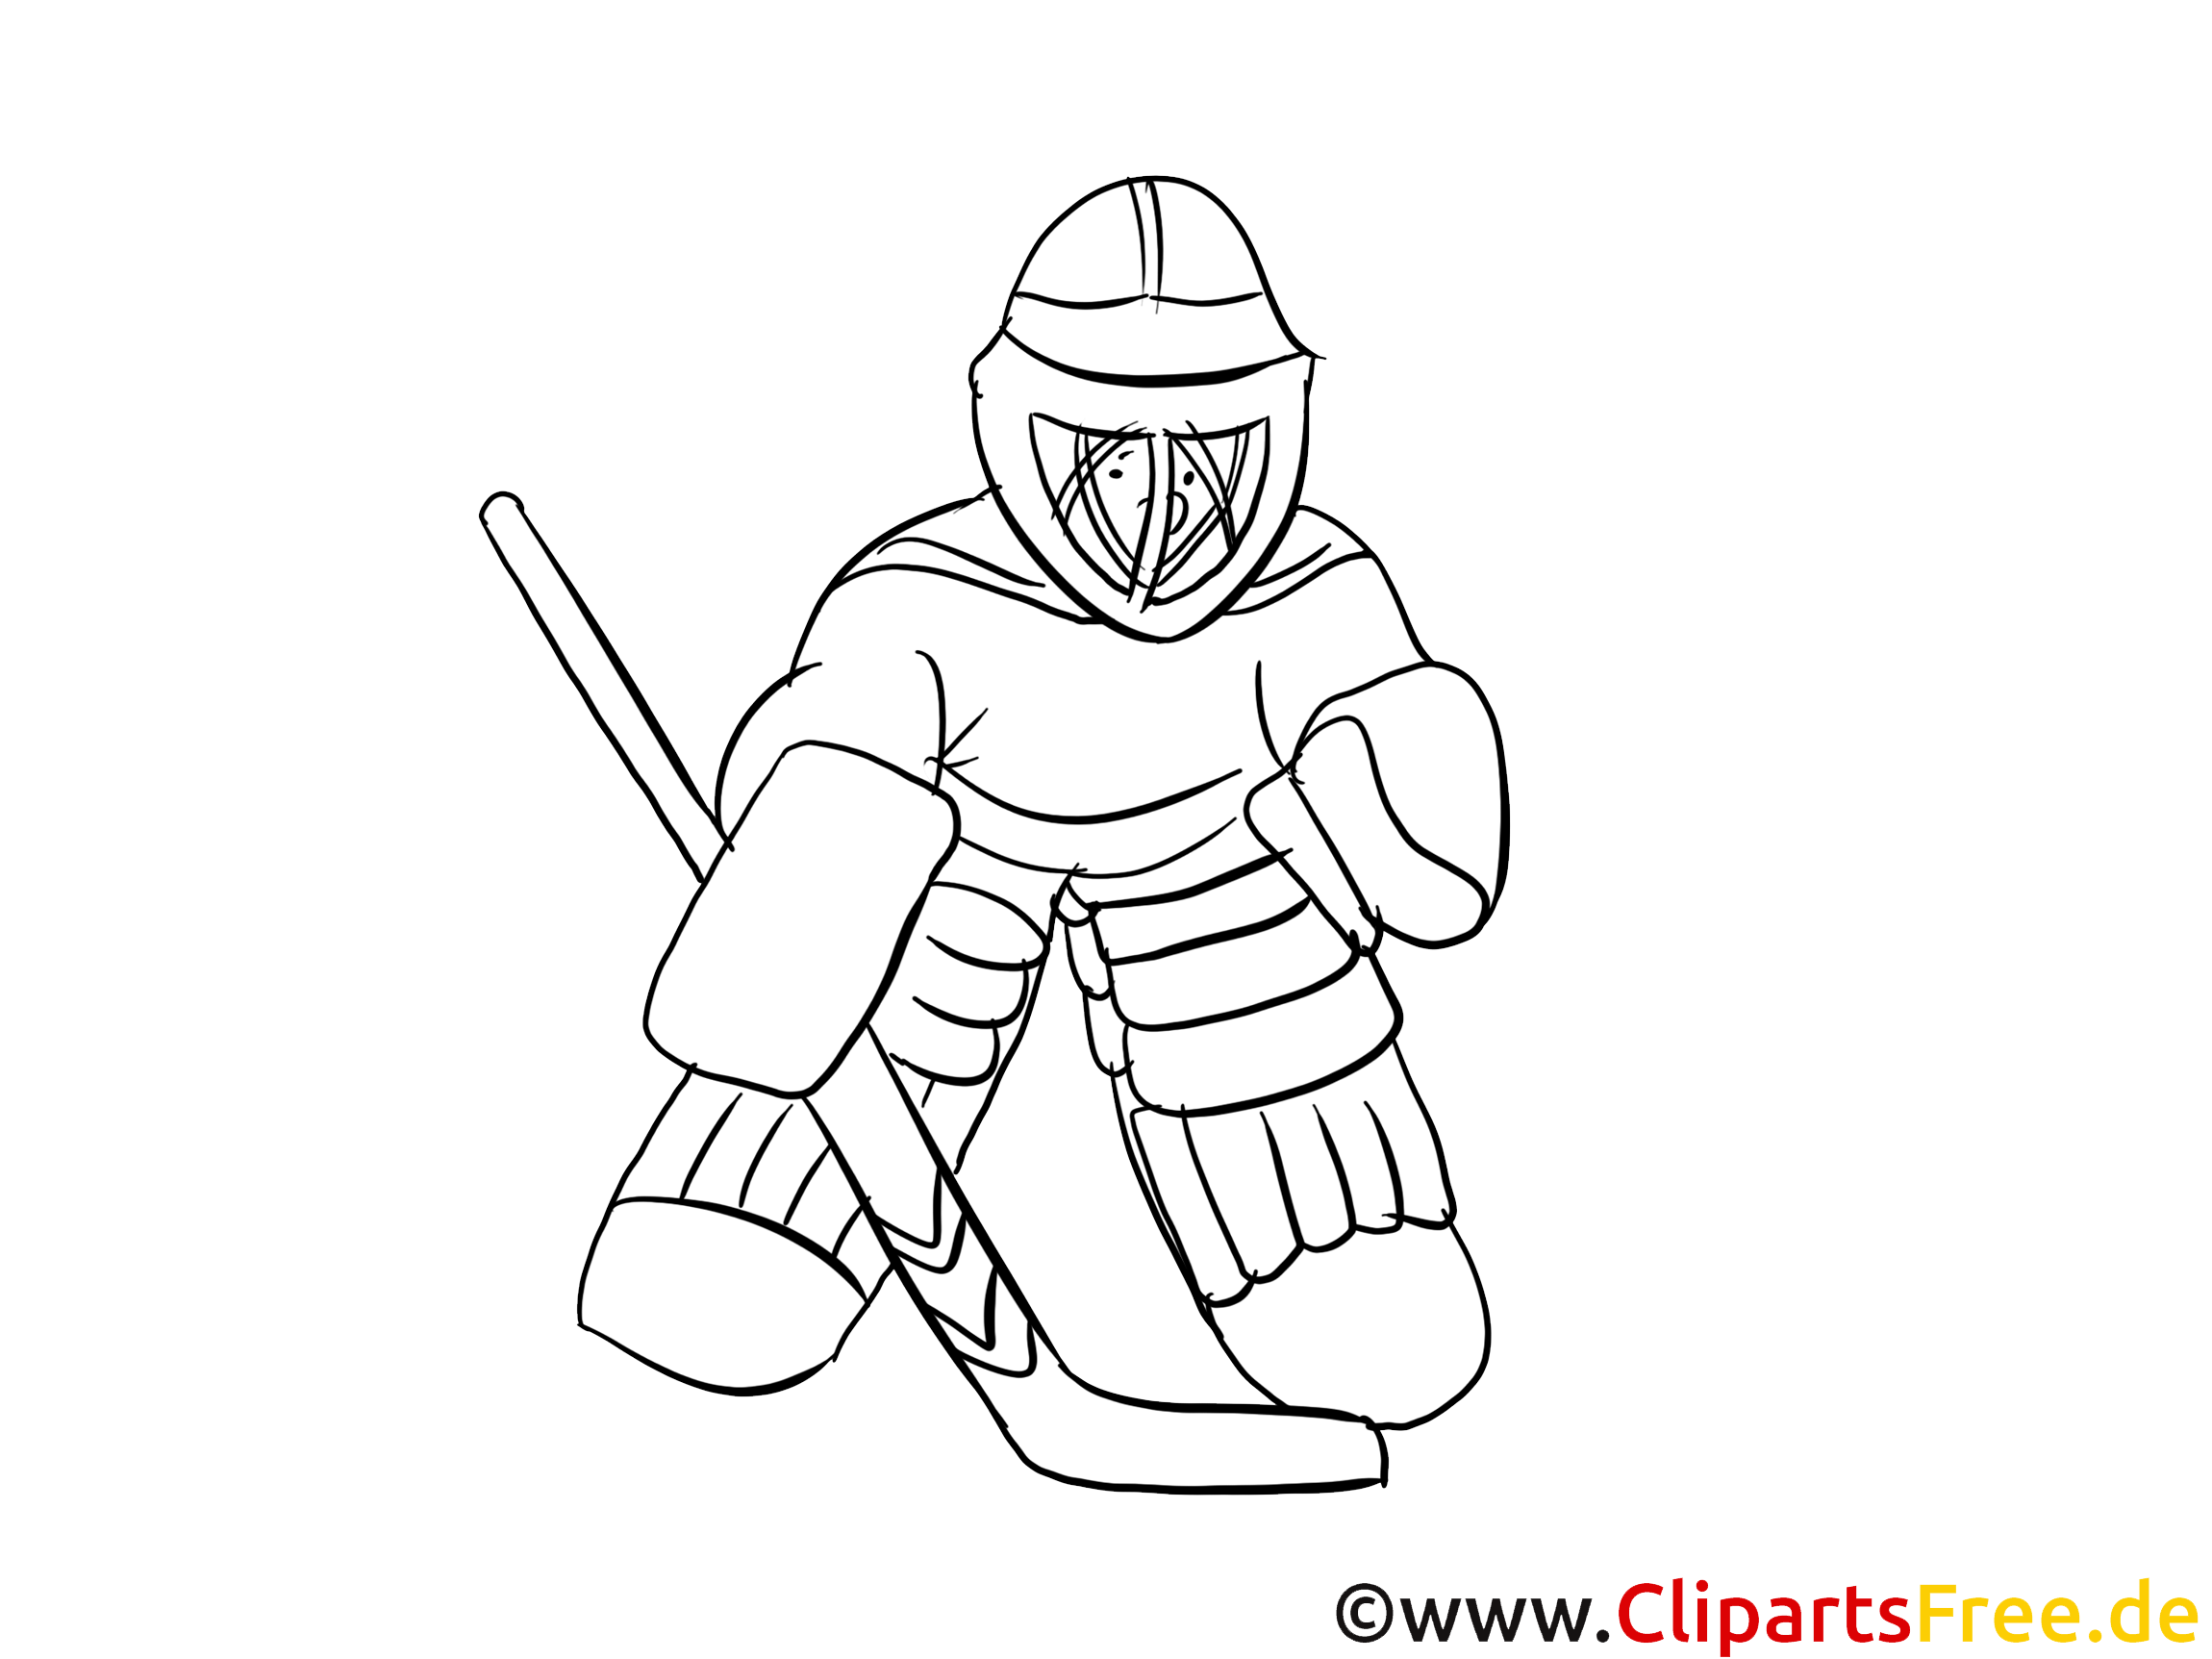 gratis malvorlagen zum ausdrucken winter sport eishockey